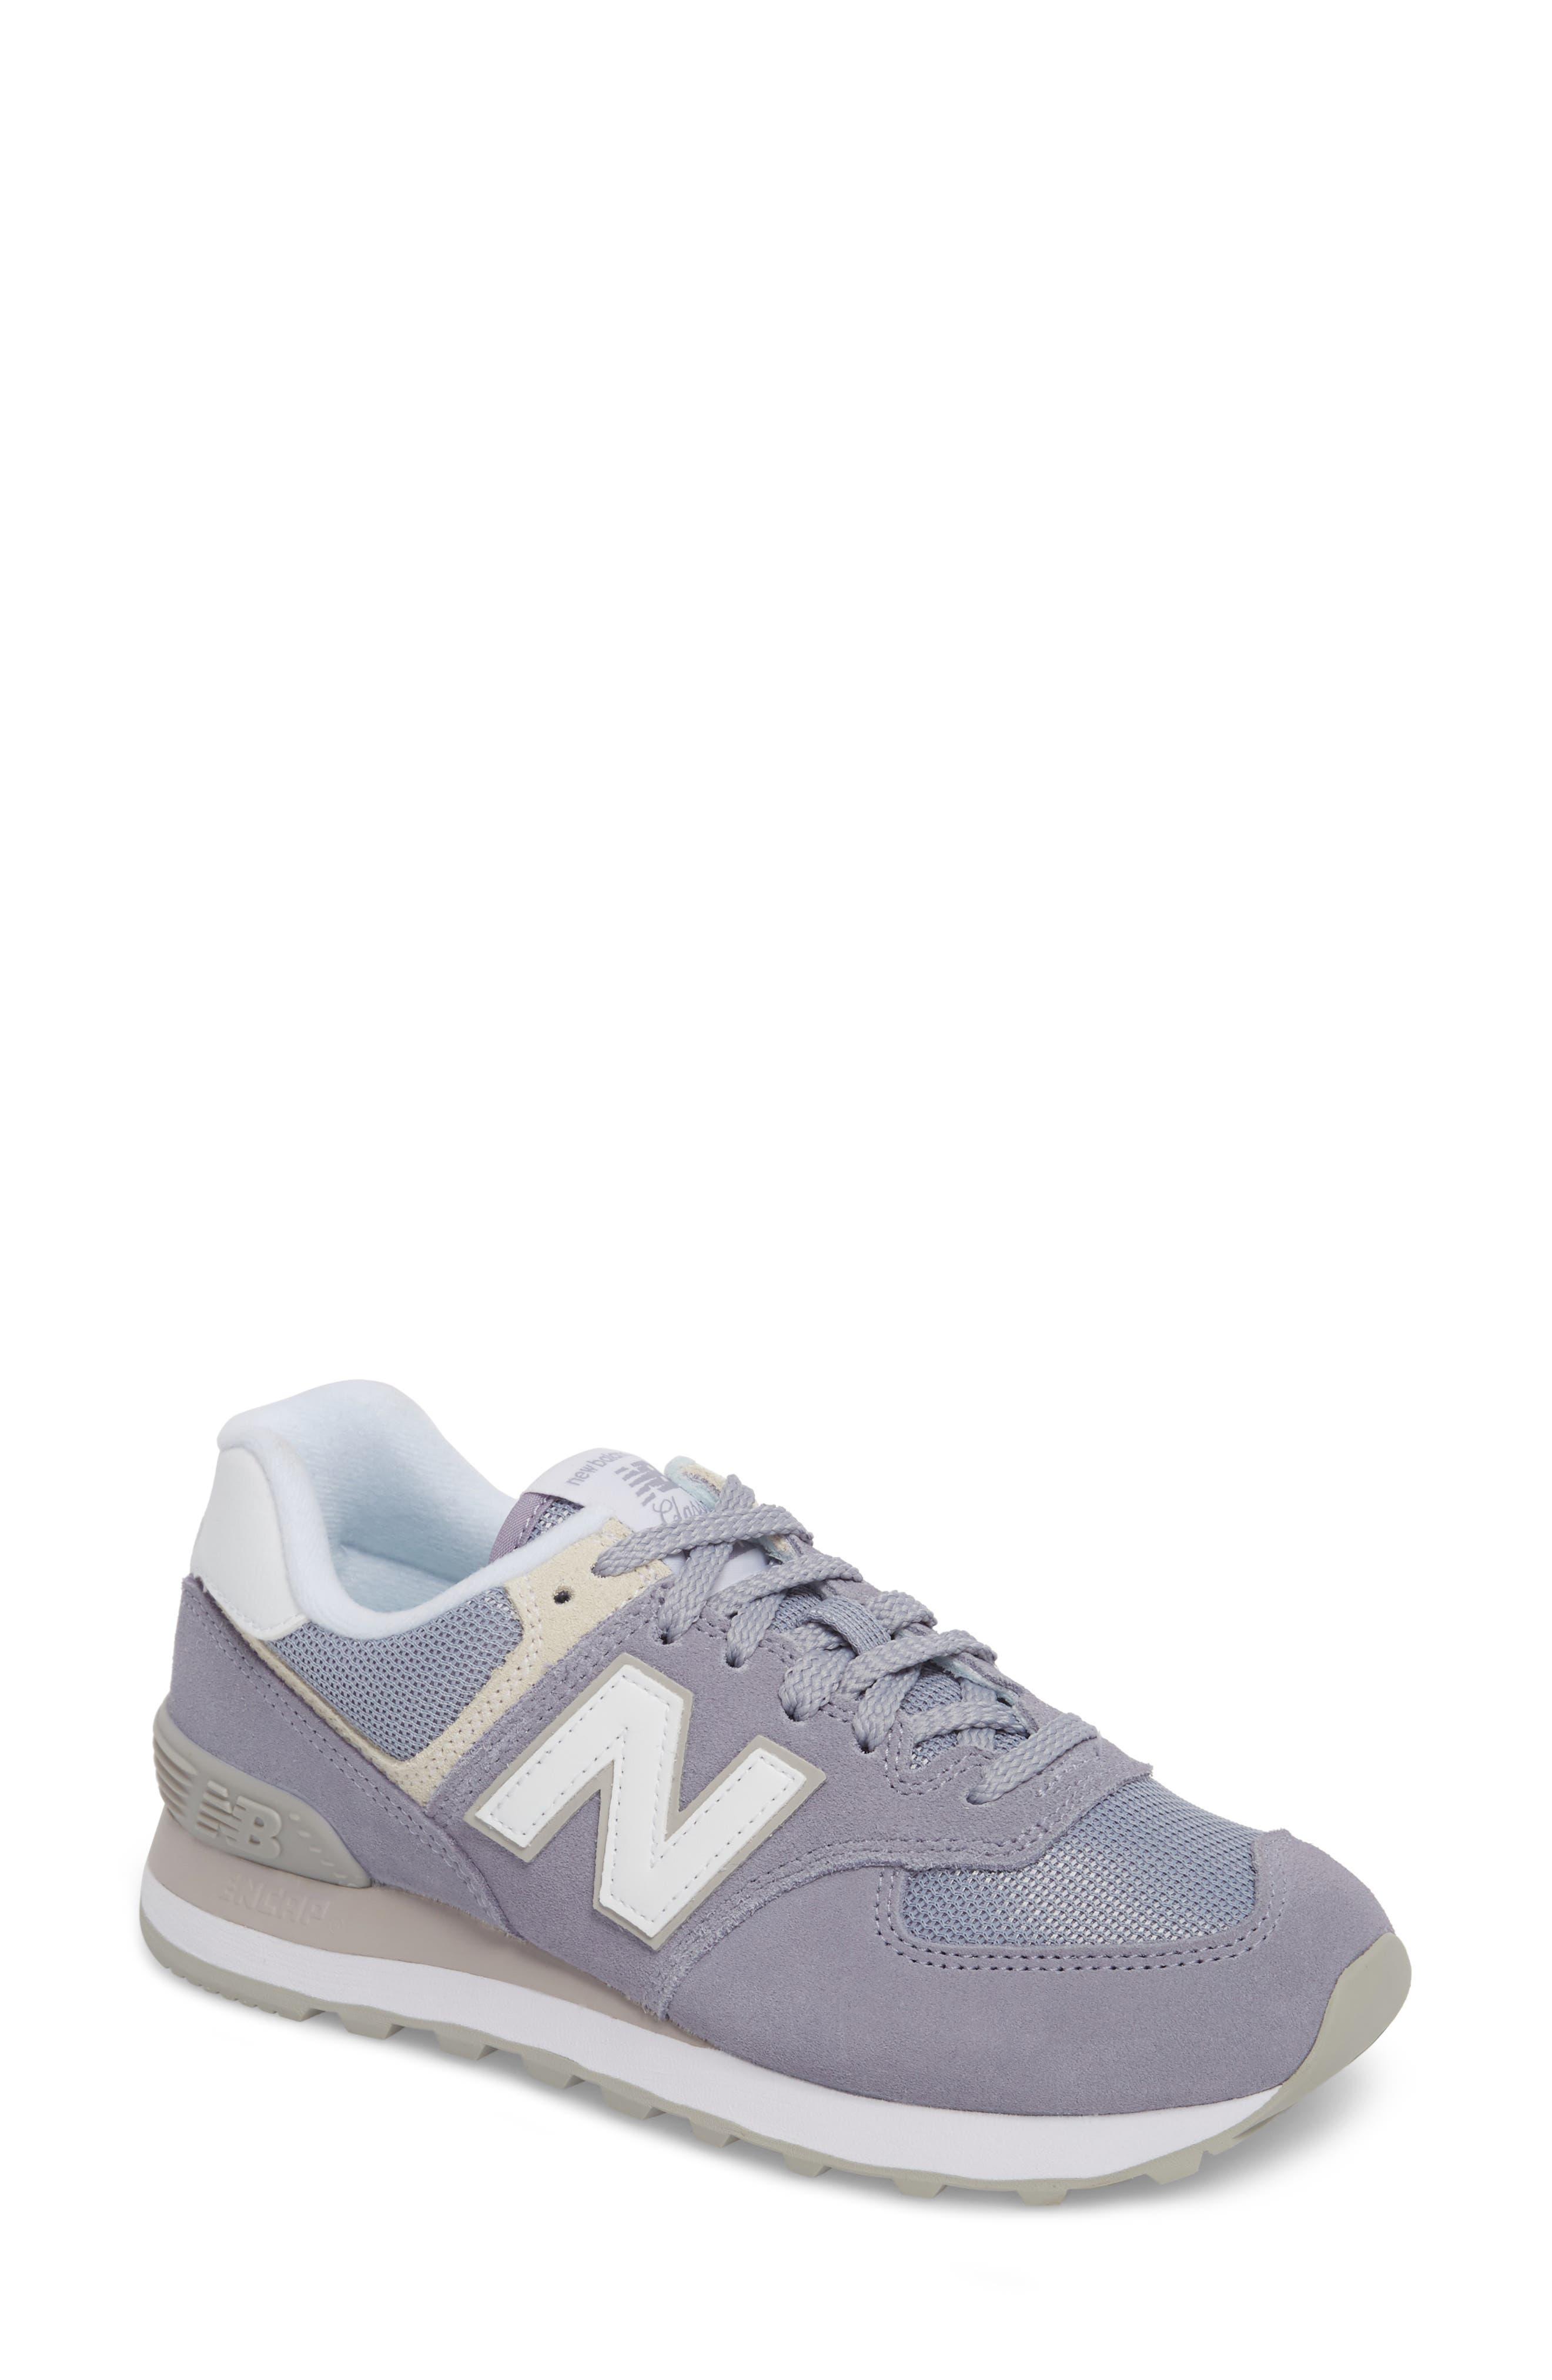 New Balance \u0027574\u0027 Sneaker (Women)